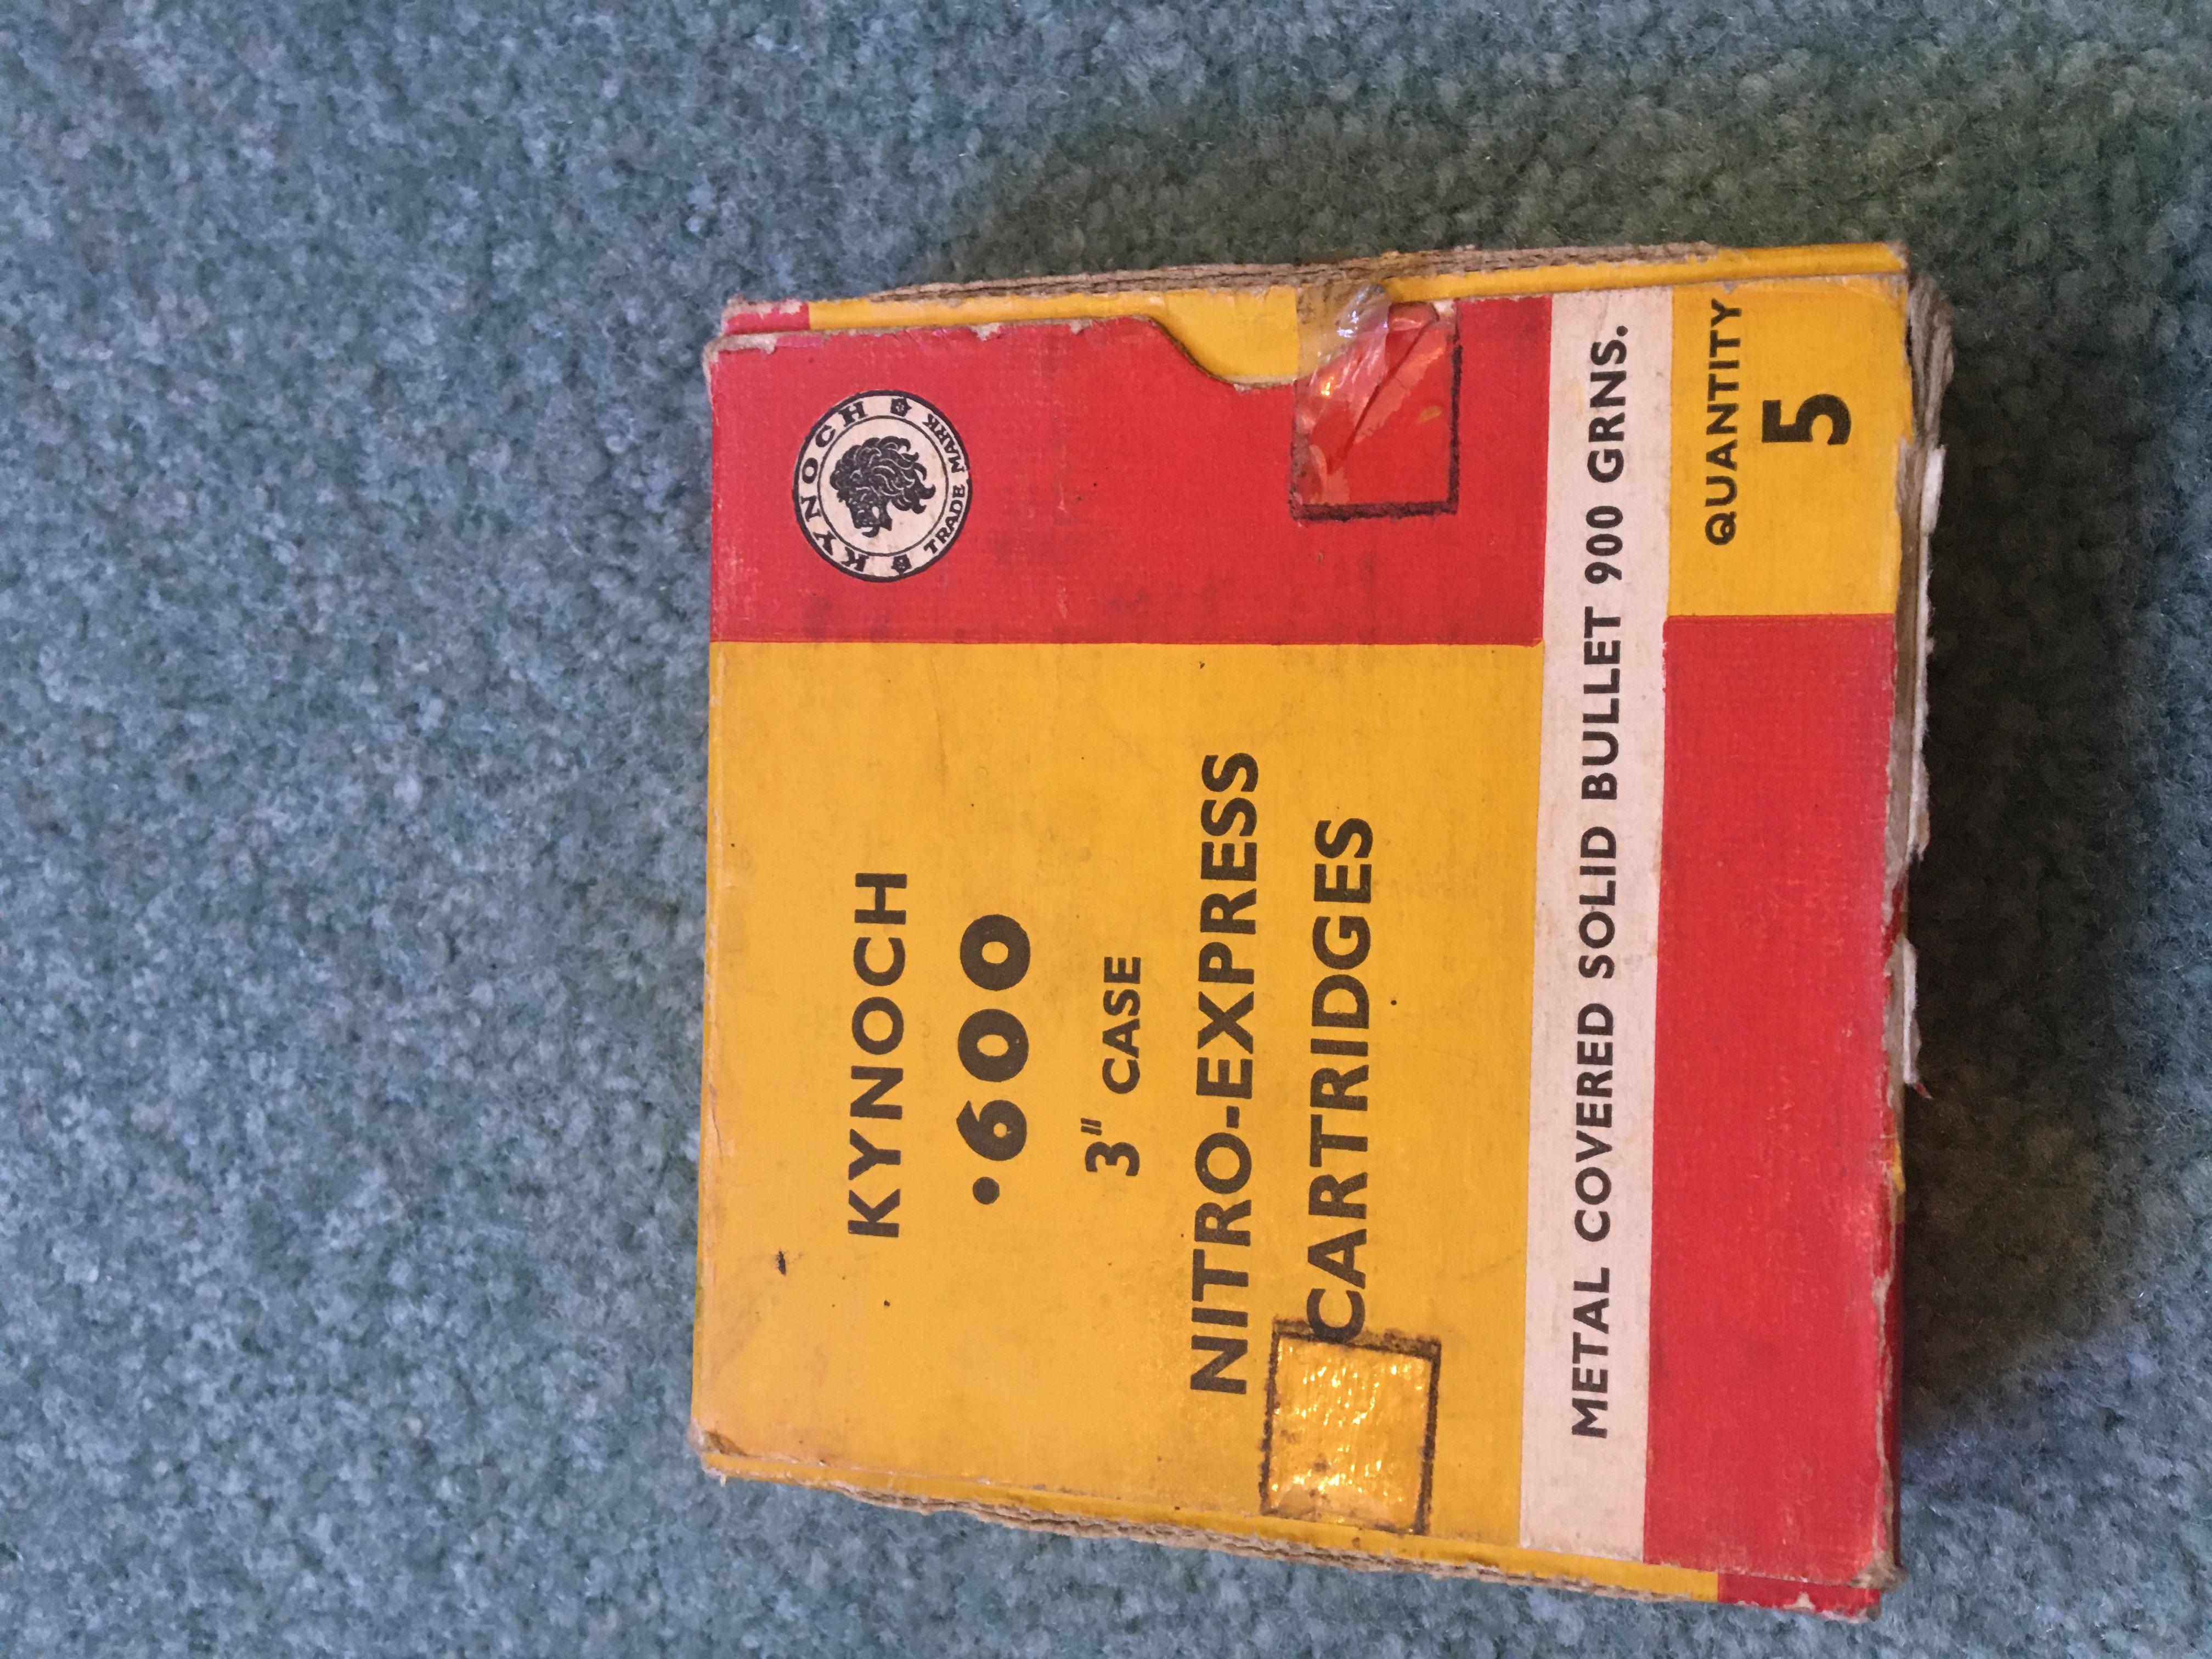 DE2425BB-AFDF-40FD-93D8-0CADC4B0115E.jpeg